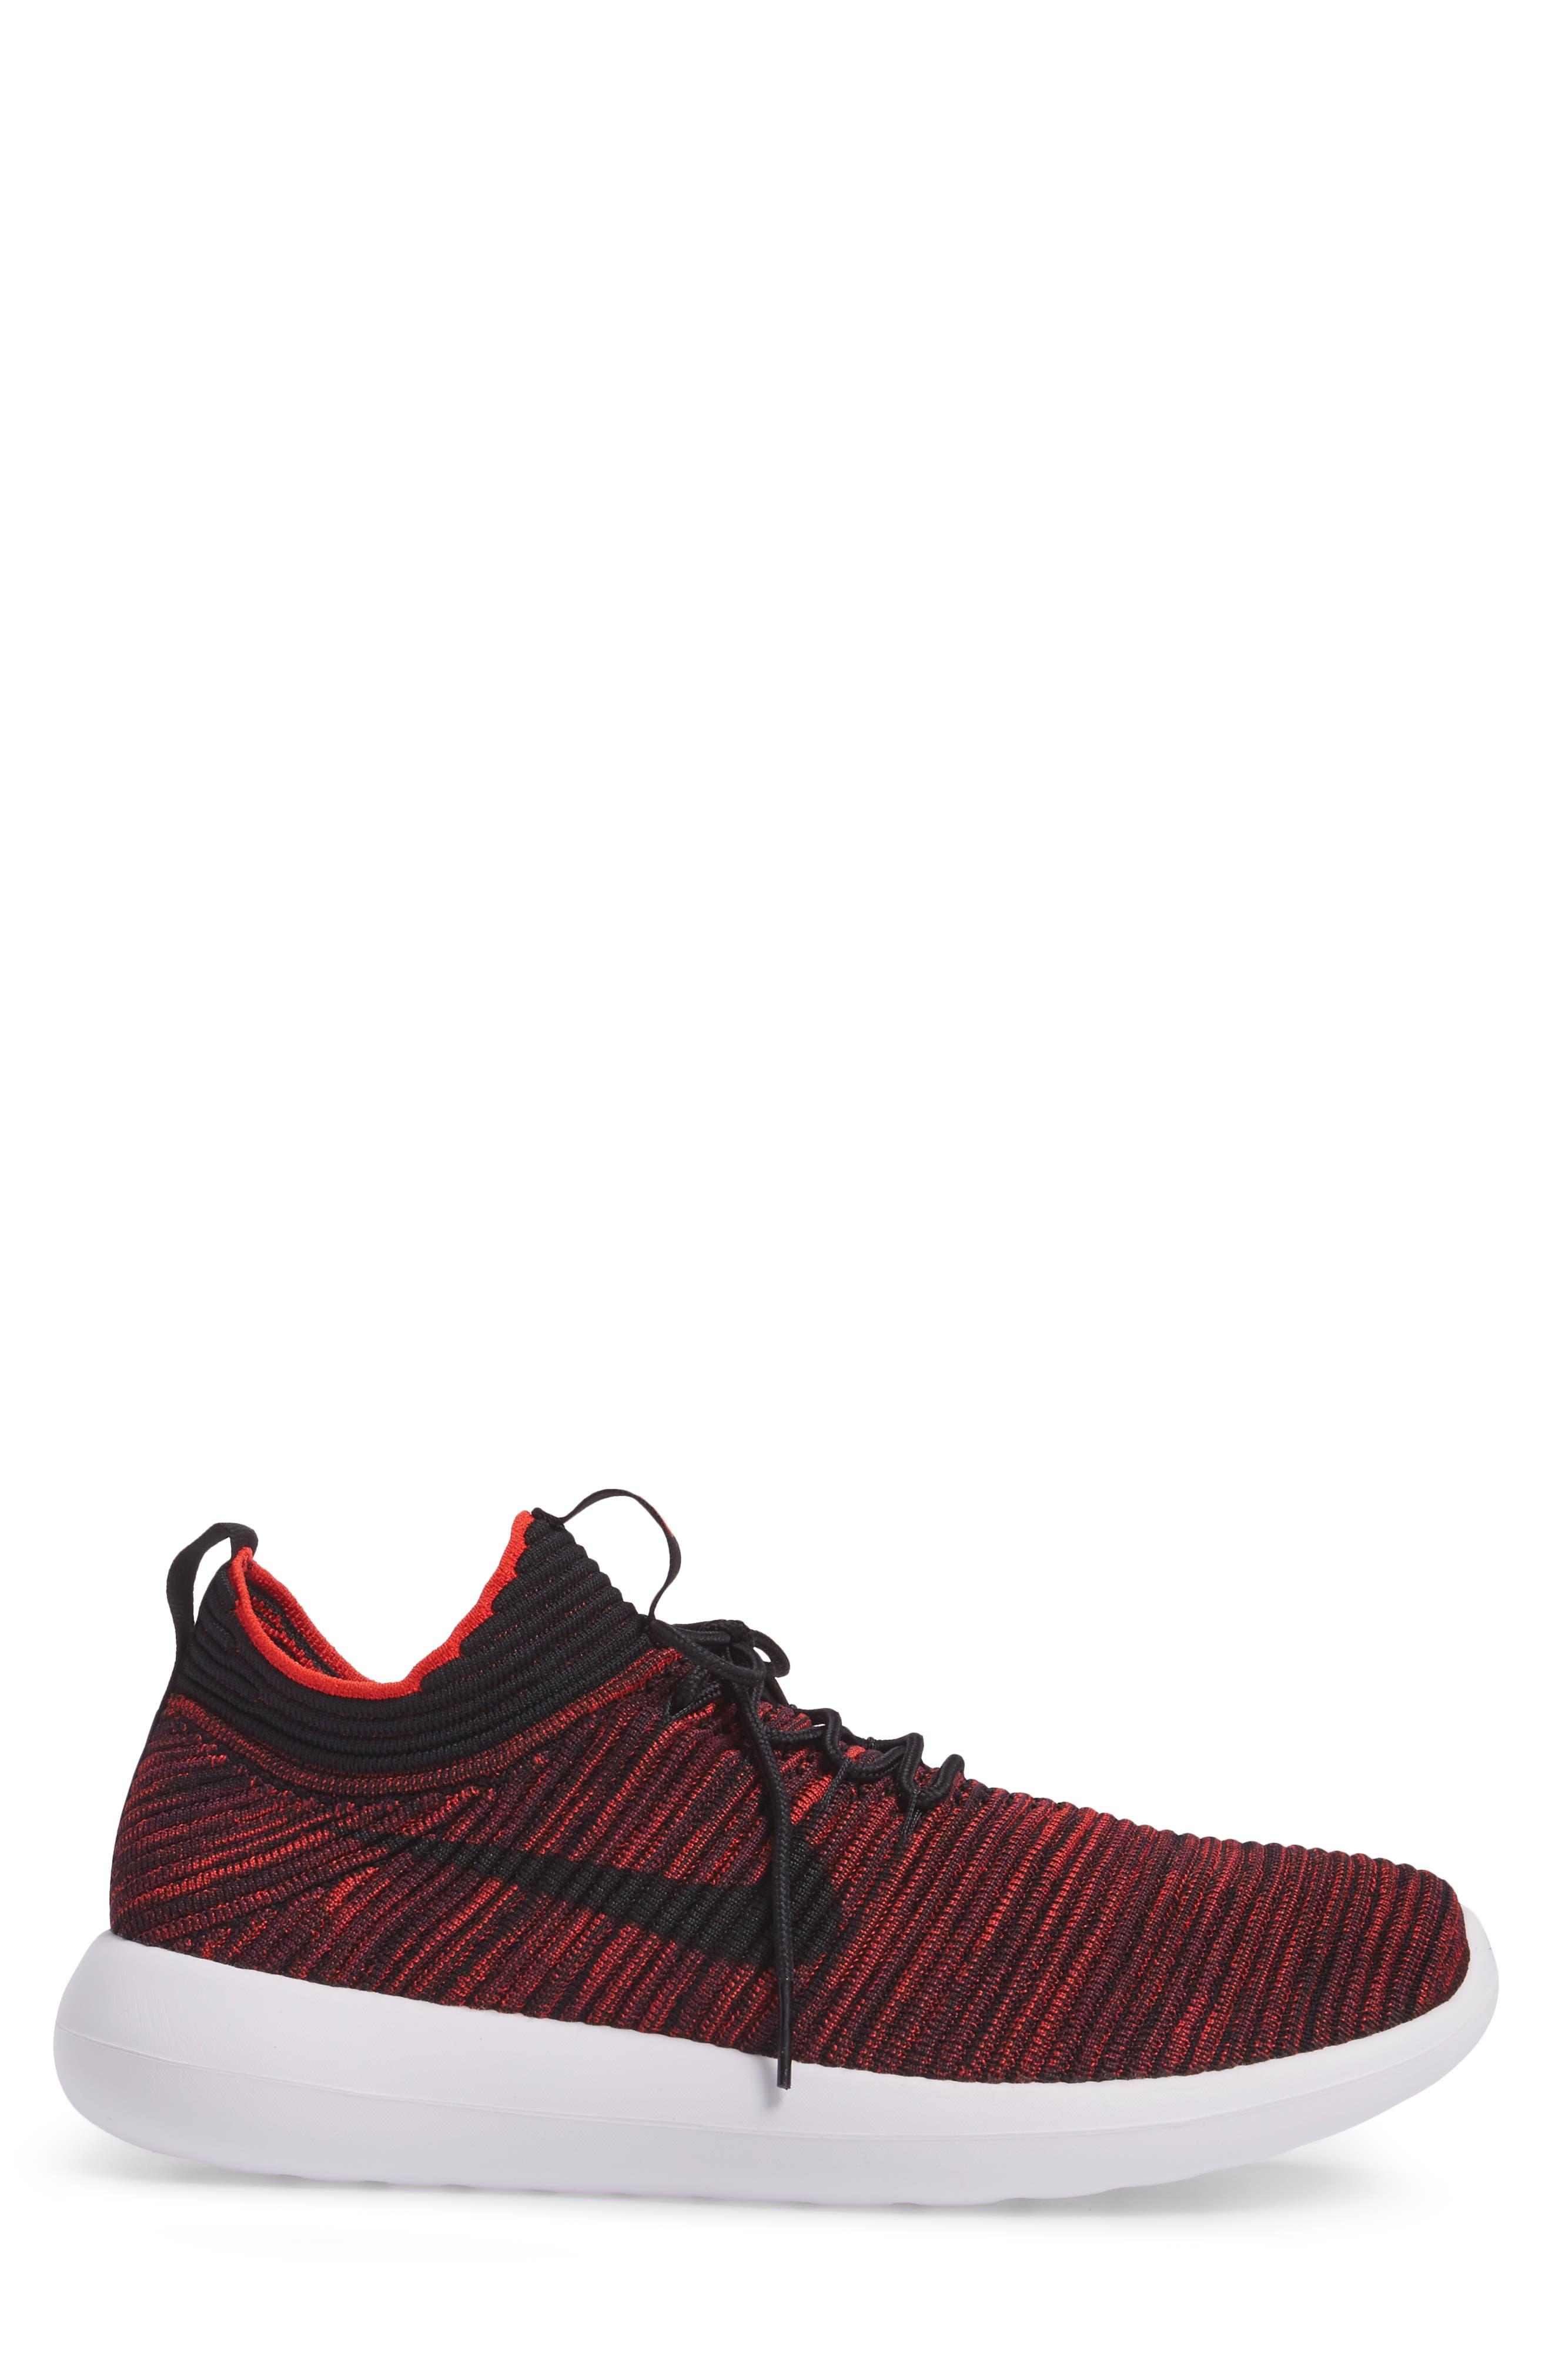 Roshe Two Flyknit V2 Sneaker,                             Alternate thumbnail 4, color,                             Chile Red/ Black